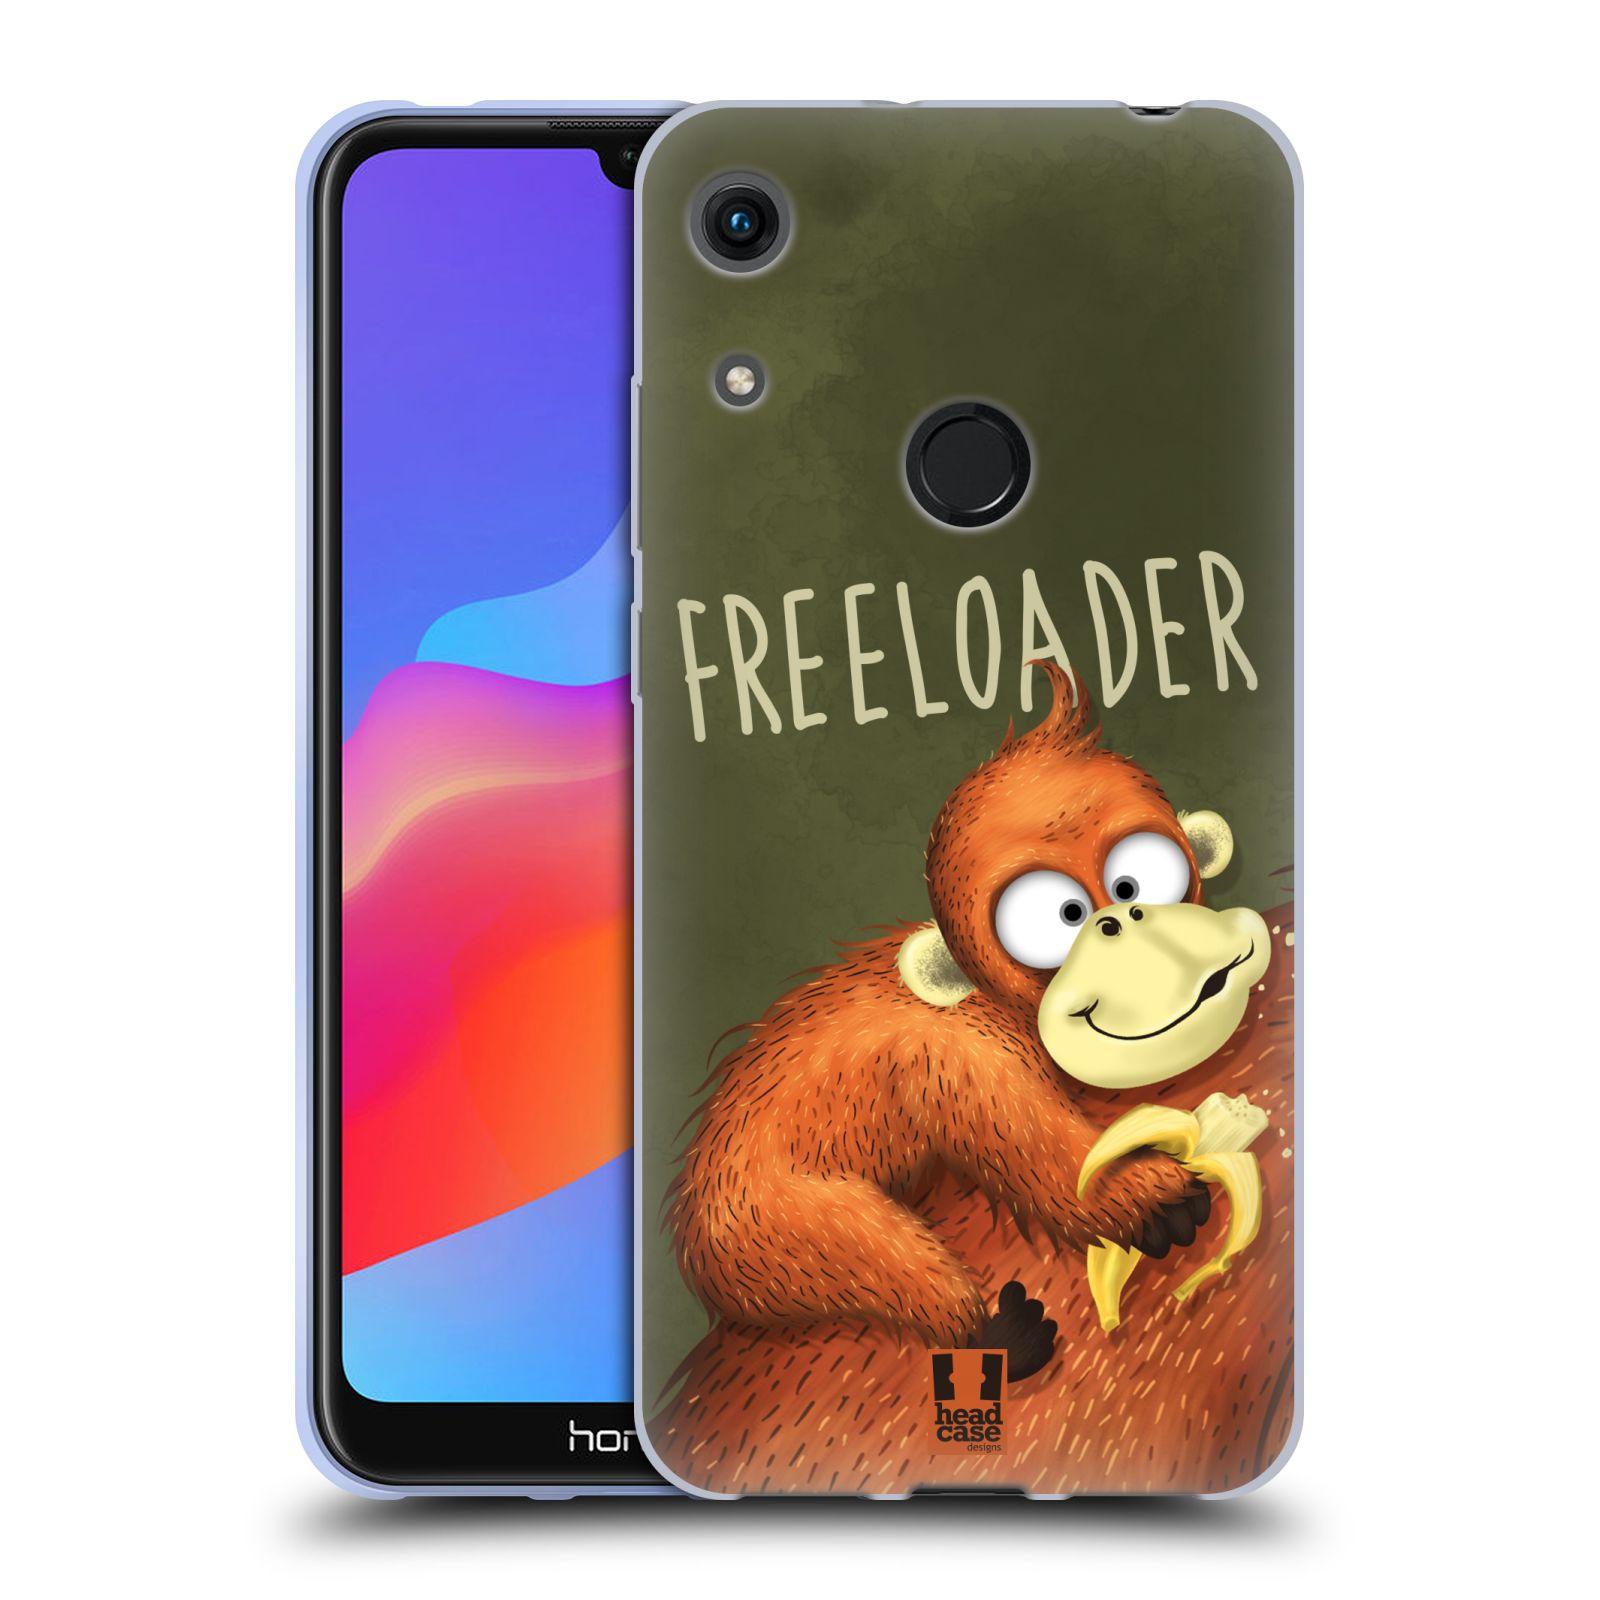 Silikonové pouzdro na mobil Honor 8A - Head Case - Opičák Freeloader